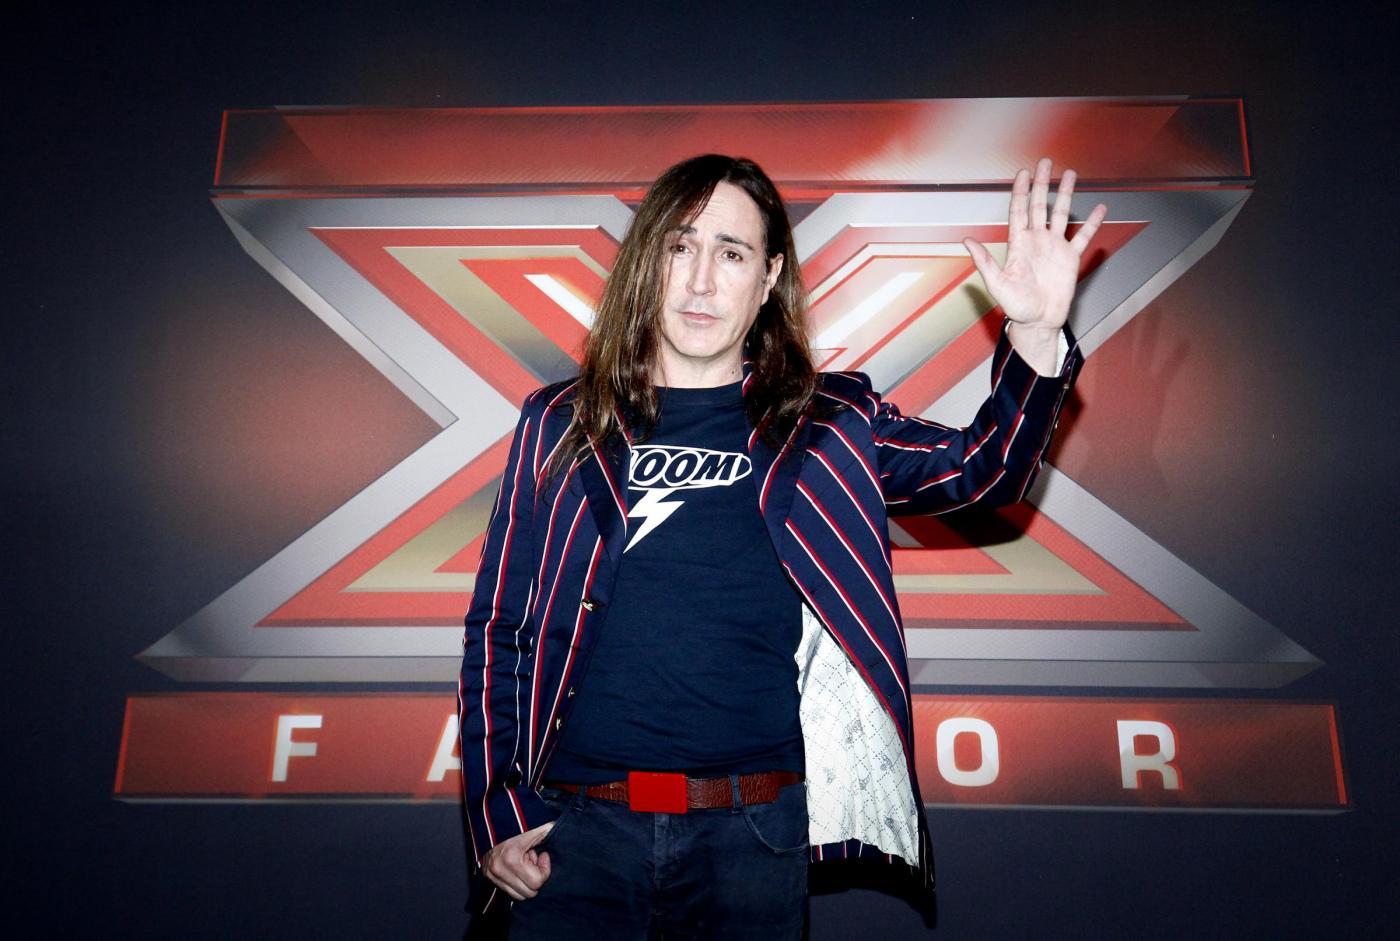 Sky Photocall X Factor